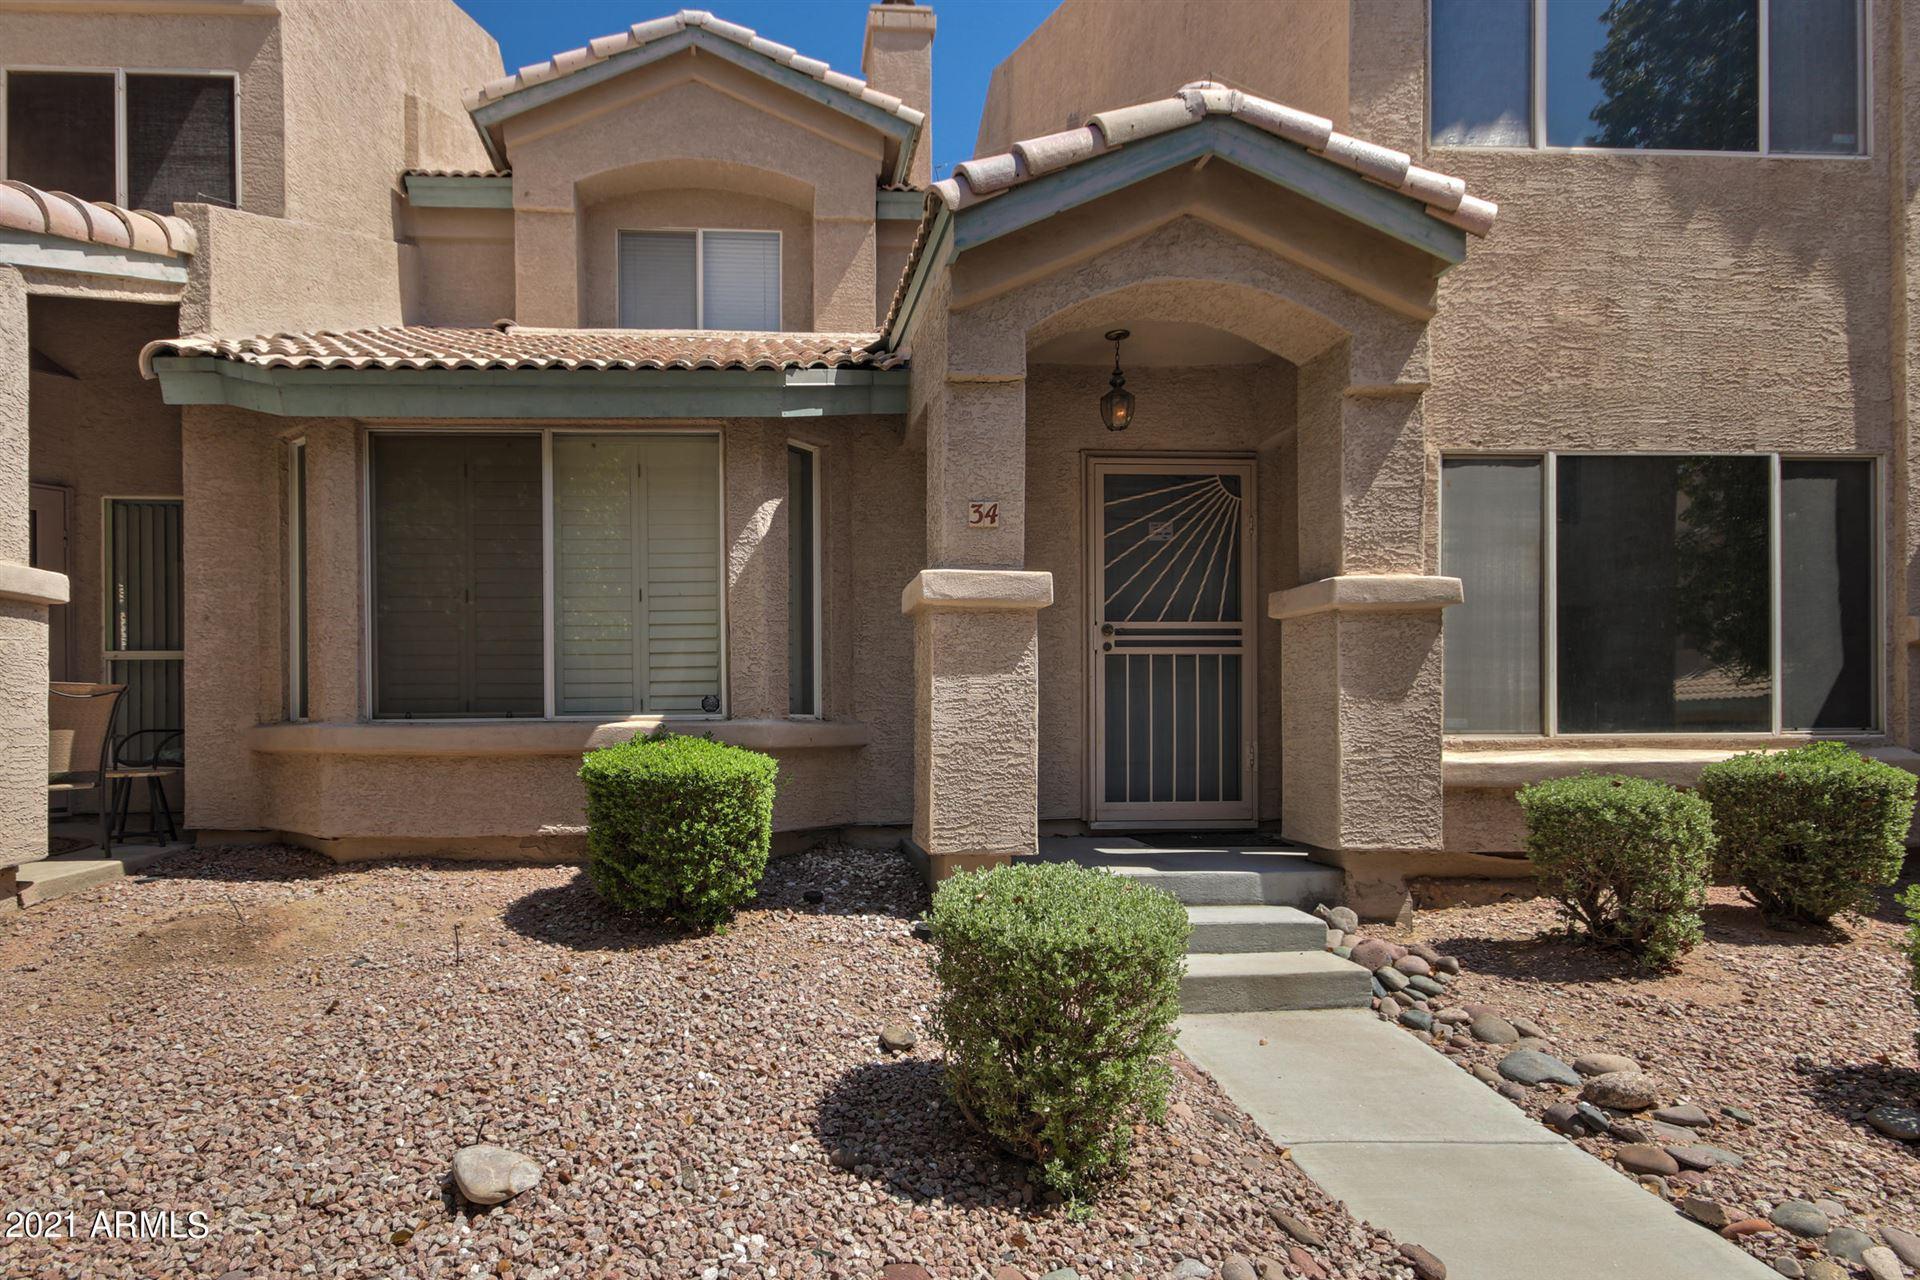 4805 E KACHINA Trail #34, Phoenix, AZ 85044 - MLS#: 6259167